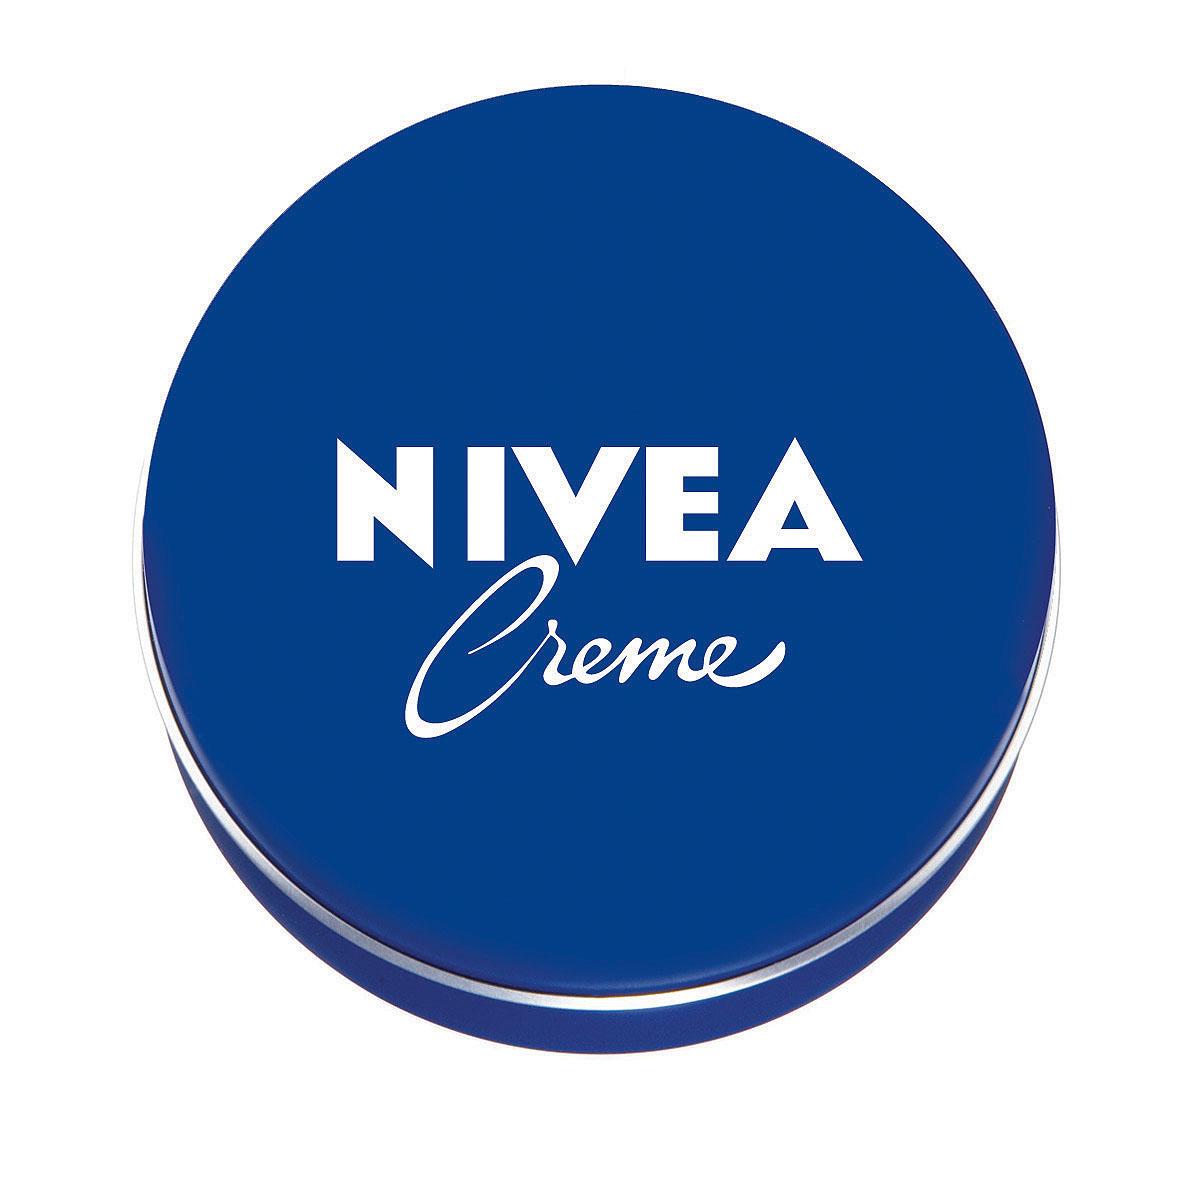 Крем Nivea Creme для кожи, увлажняющий, 75 мл80103Универсальный крем для кожи Nivea Creme обладает уникальной формулой, благодаря которой увлажняет, питает и бережно ухаживает за кожей тела, особенно за сухими участками. Крем не содержит консервантов и поэтому подходит даже для нежной детской кожи.